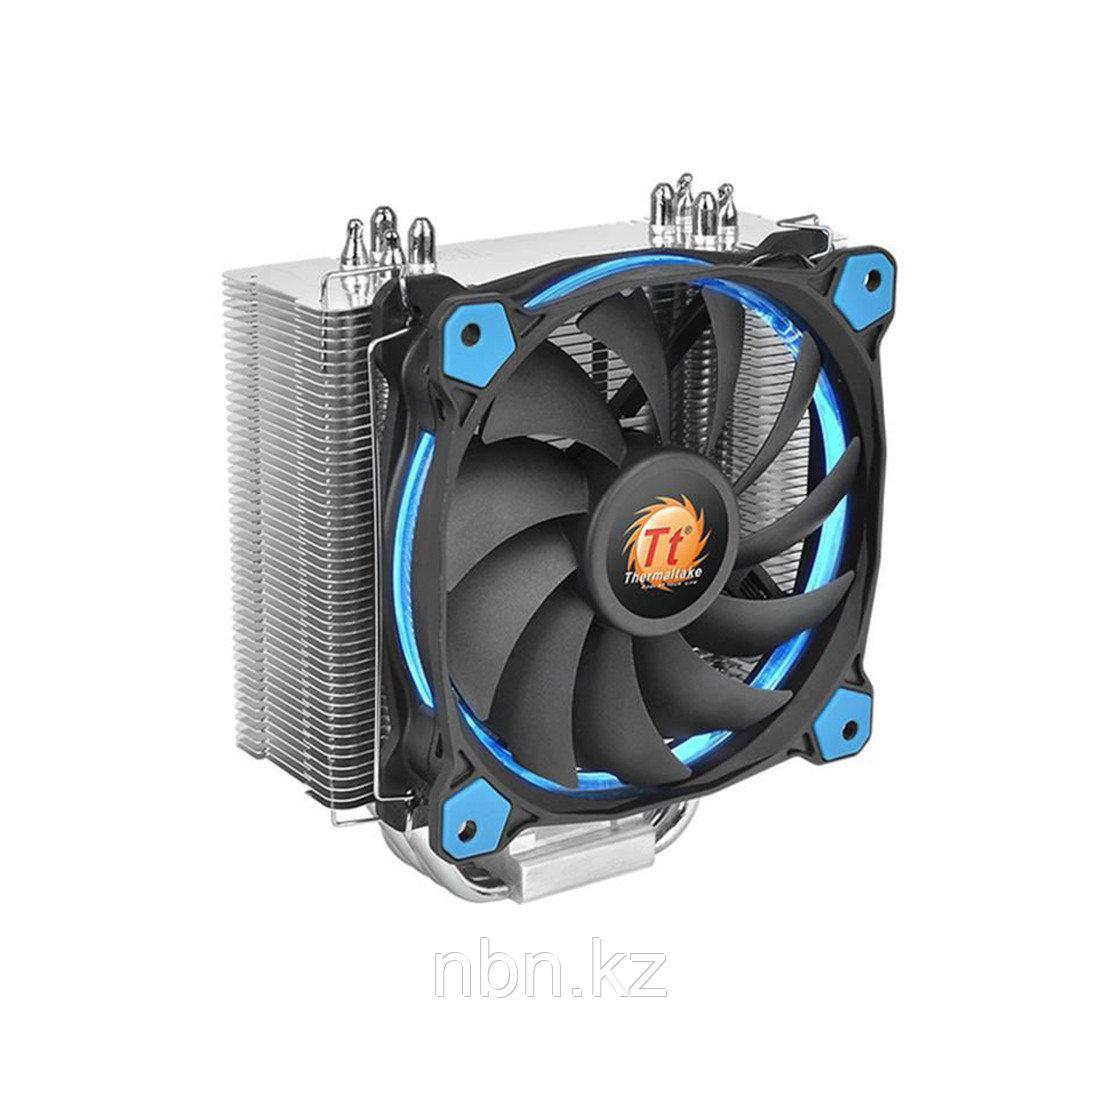 Кулер для процессора Thermaltake Riing Silent 12 Blue Air